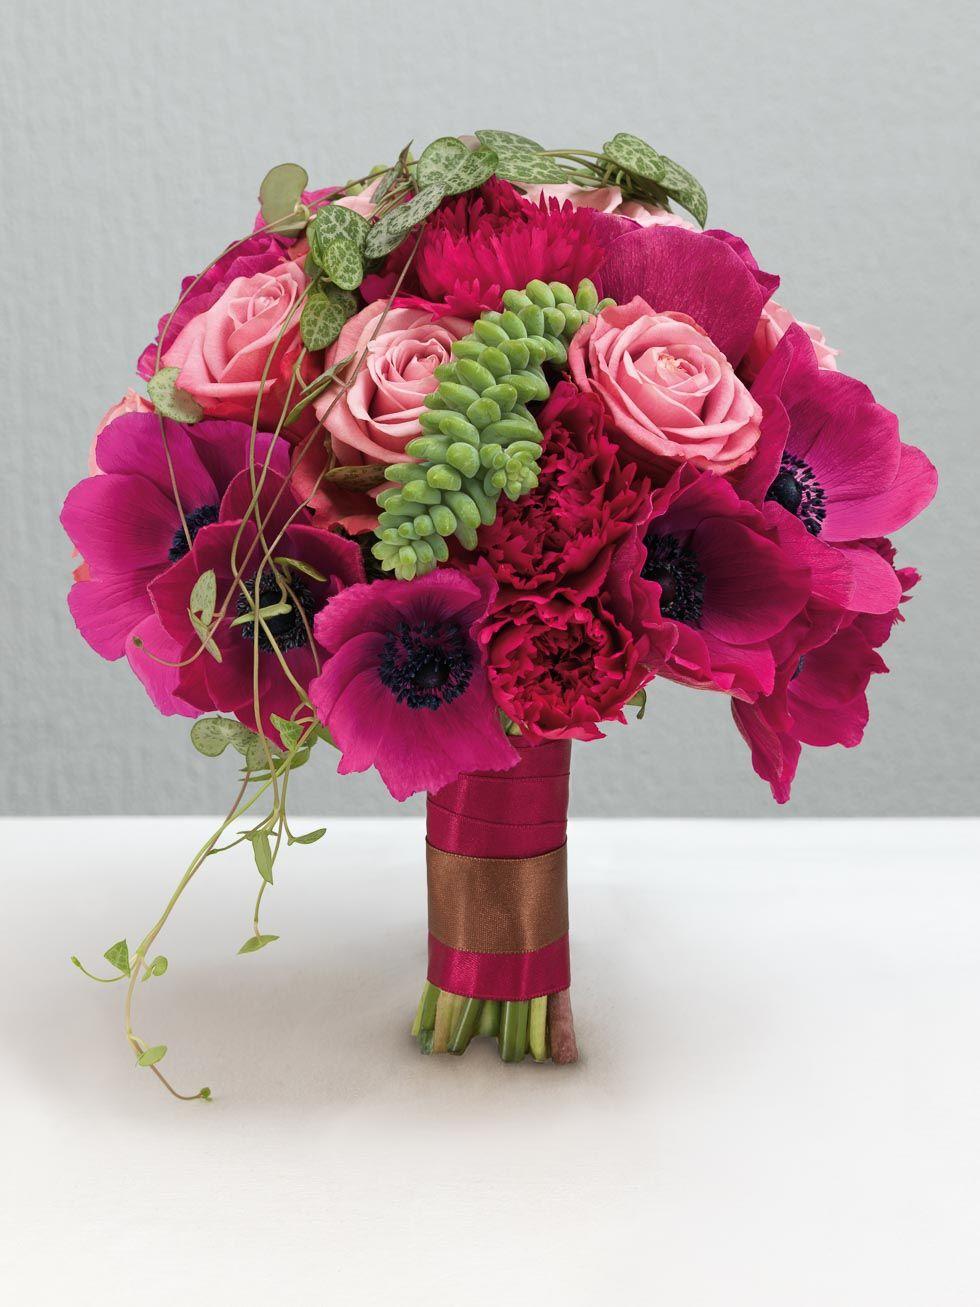 Pinkfarbener Brautstrauss Aus Anemonen Nelken Und Rosen Von